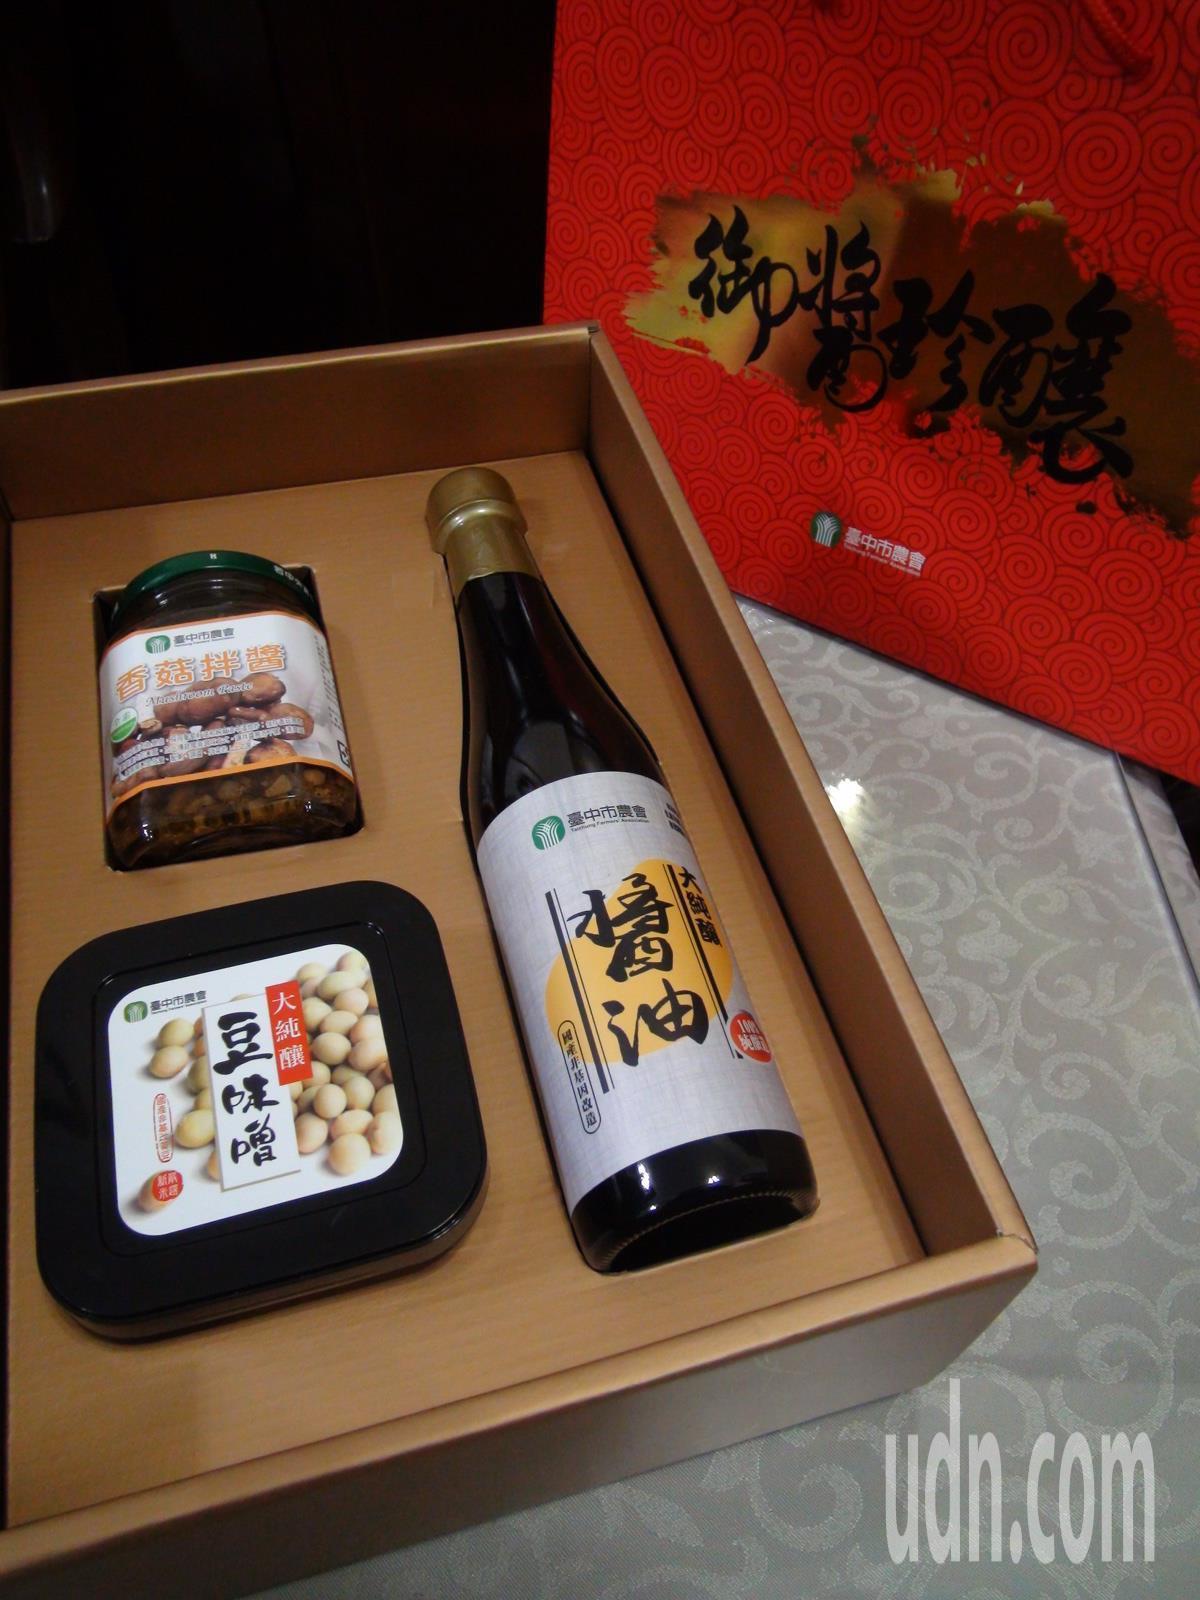 「御醬珍釀」禮盒內含大純釀醬油、豆味噌及香菇拌醬,限量一千組。記者余采瀅/攝影